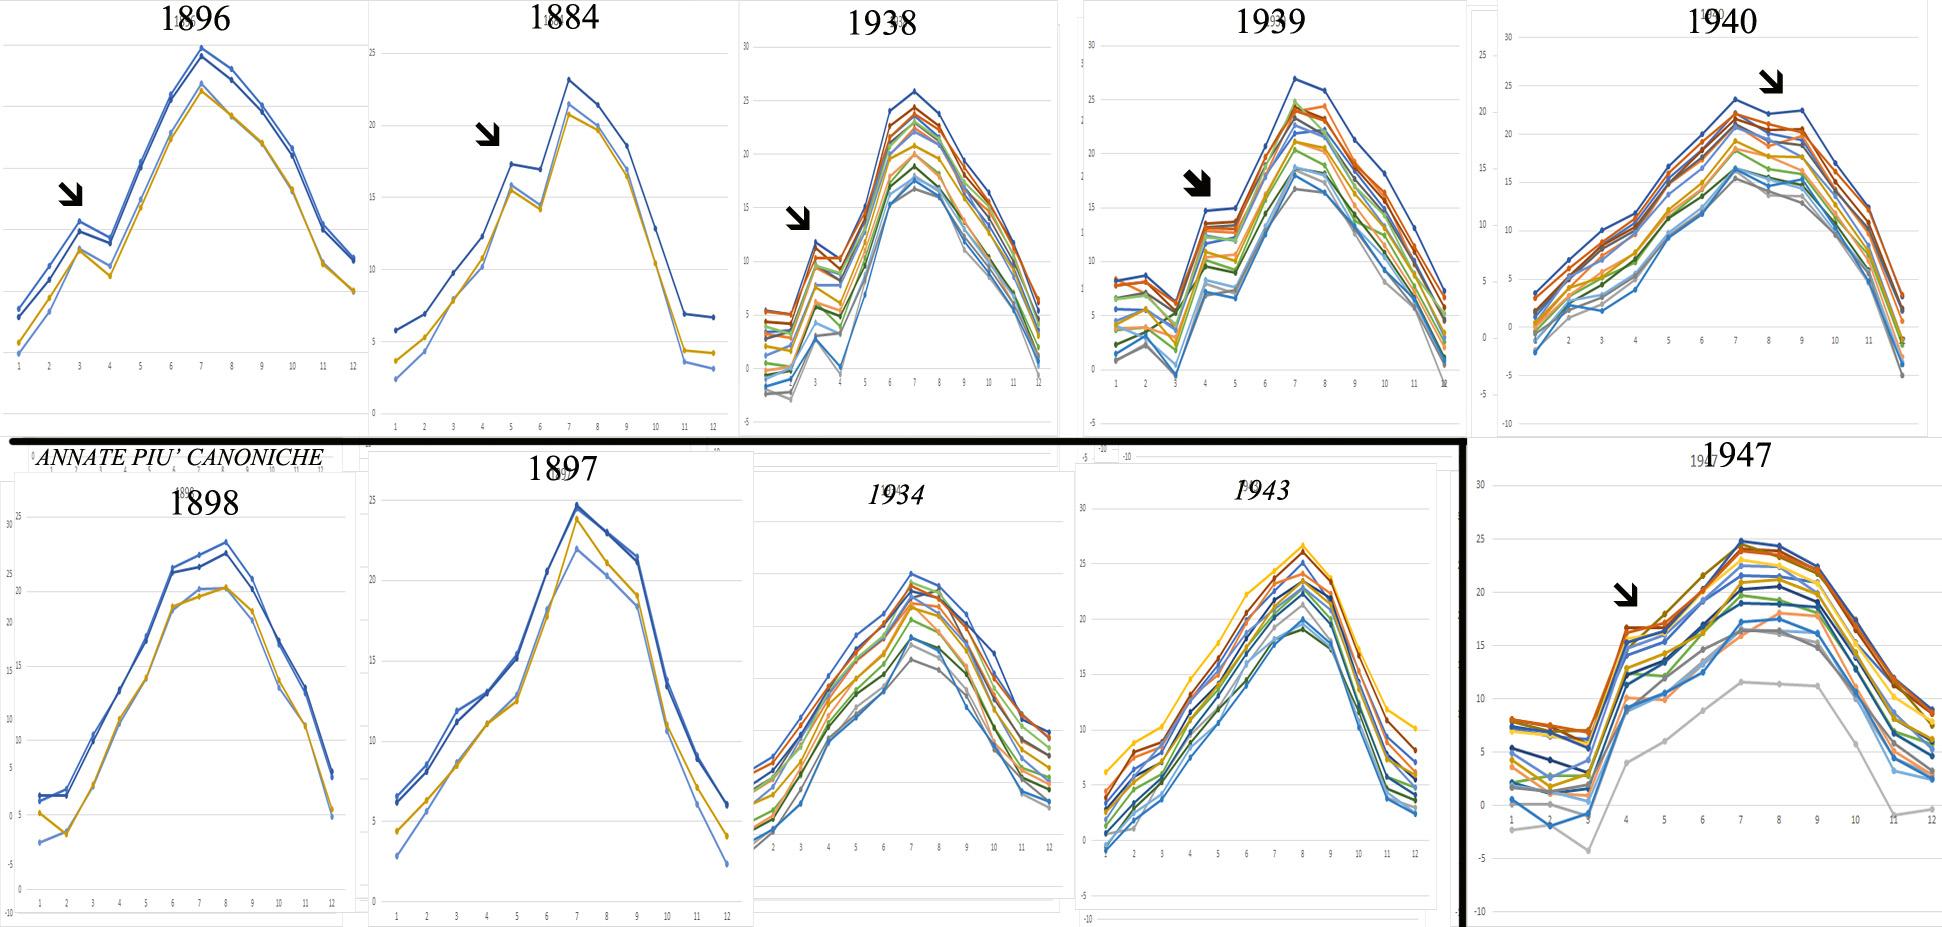 Analisi delle 'anomalia' curva Annuale delle temperature. Domanda agli esperti:-incogrusenza-clima-gaussiana2.jpg